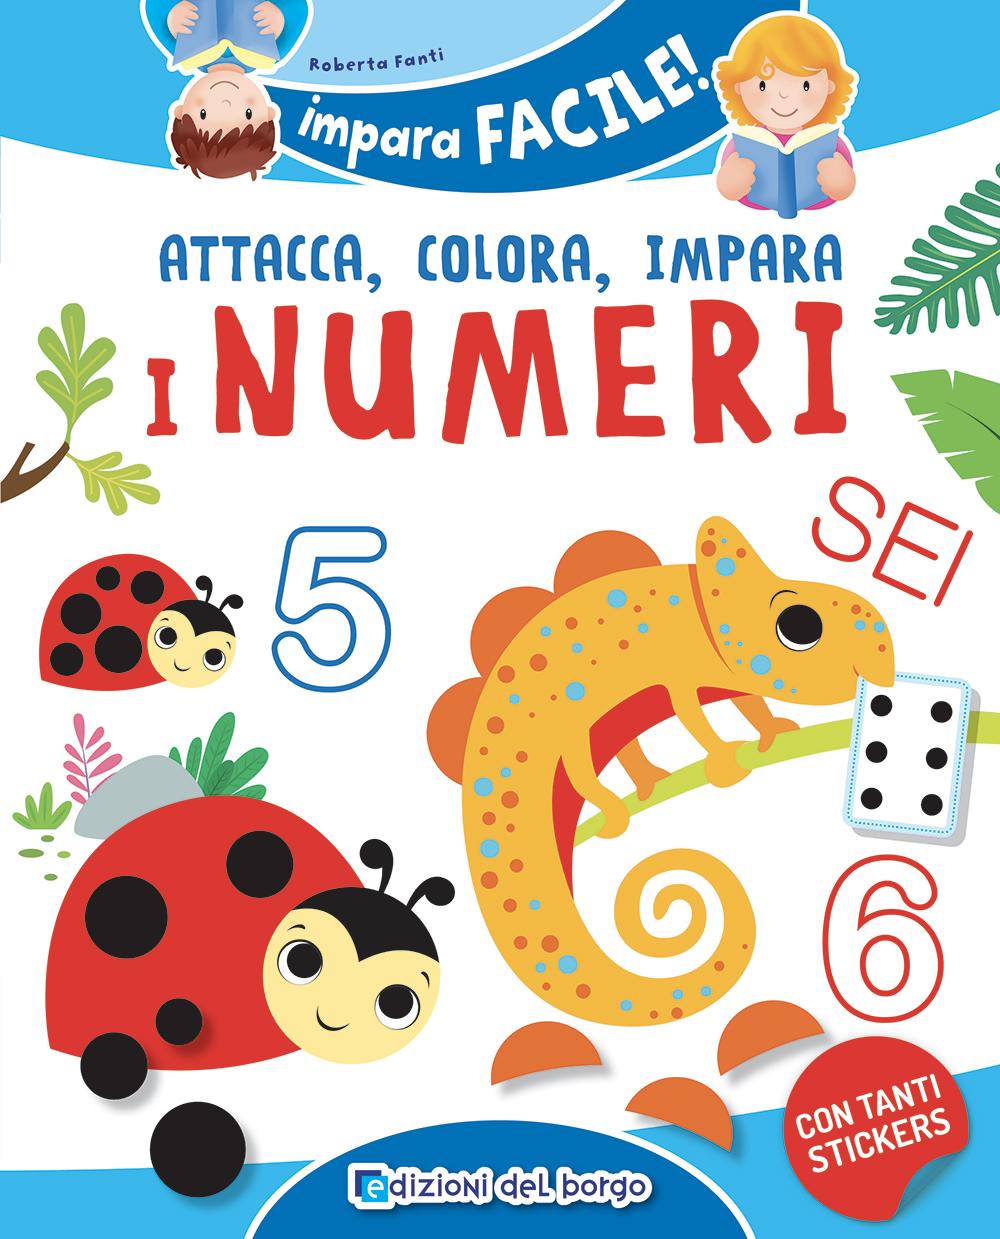 Attaca colora impara i numeri